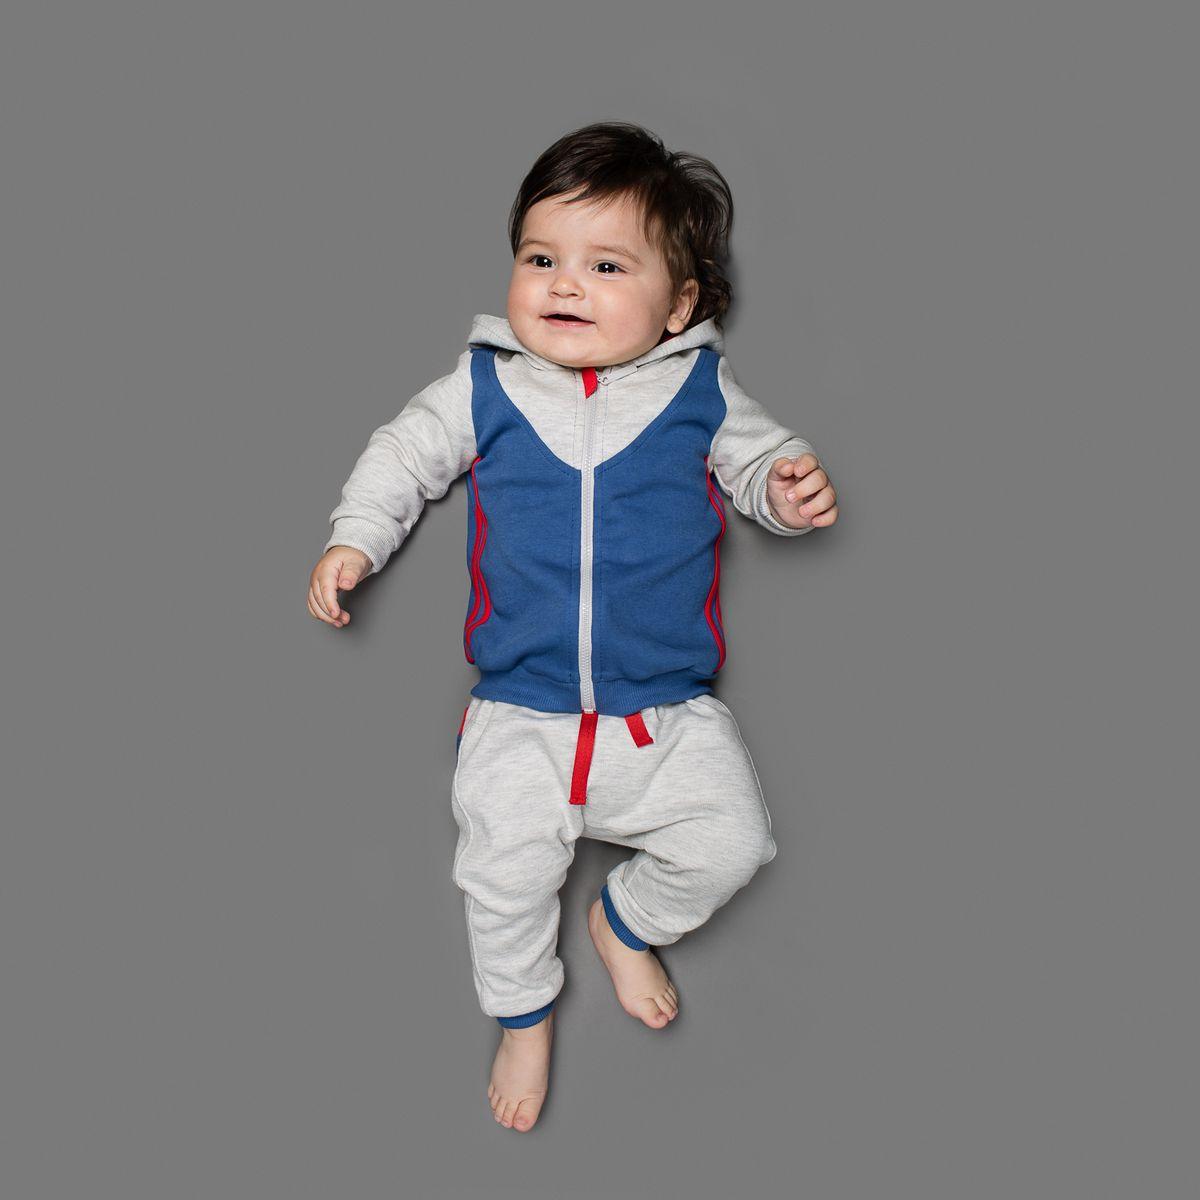 Толстовка25-220Толстовка Ёмаё, изготовленная из интерлока - очень удобный и практичный вид одежды для малышей. Толстовка с капюшоном и длинными рукавами застегивается спереди на пластиковую застежку-молнию, что помогает с легкостью переодеть ребенка. Рукава дополнены широкими трикотажными манжетами, не пережимающими запястья ребенка. Понизу проходит широкая трикотажная резинка. По спинке изделие оформлено крупным логотипом бренда. В такой толстовке вашему крохе будет комфортно и он всегда будет в центре внимания.